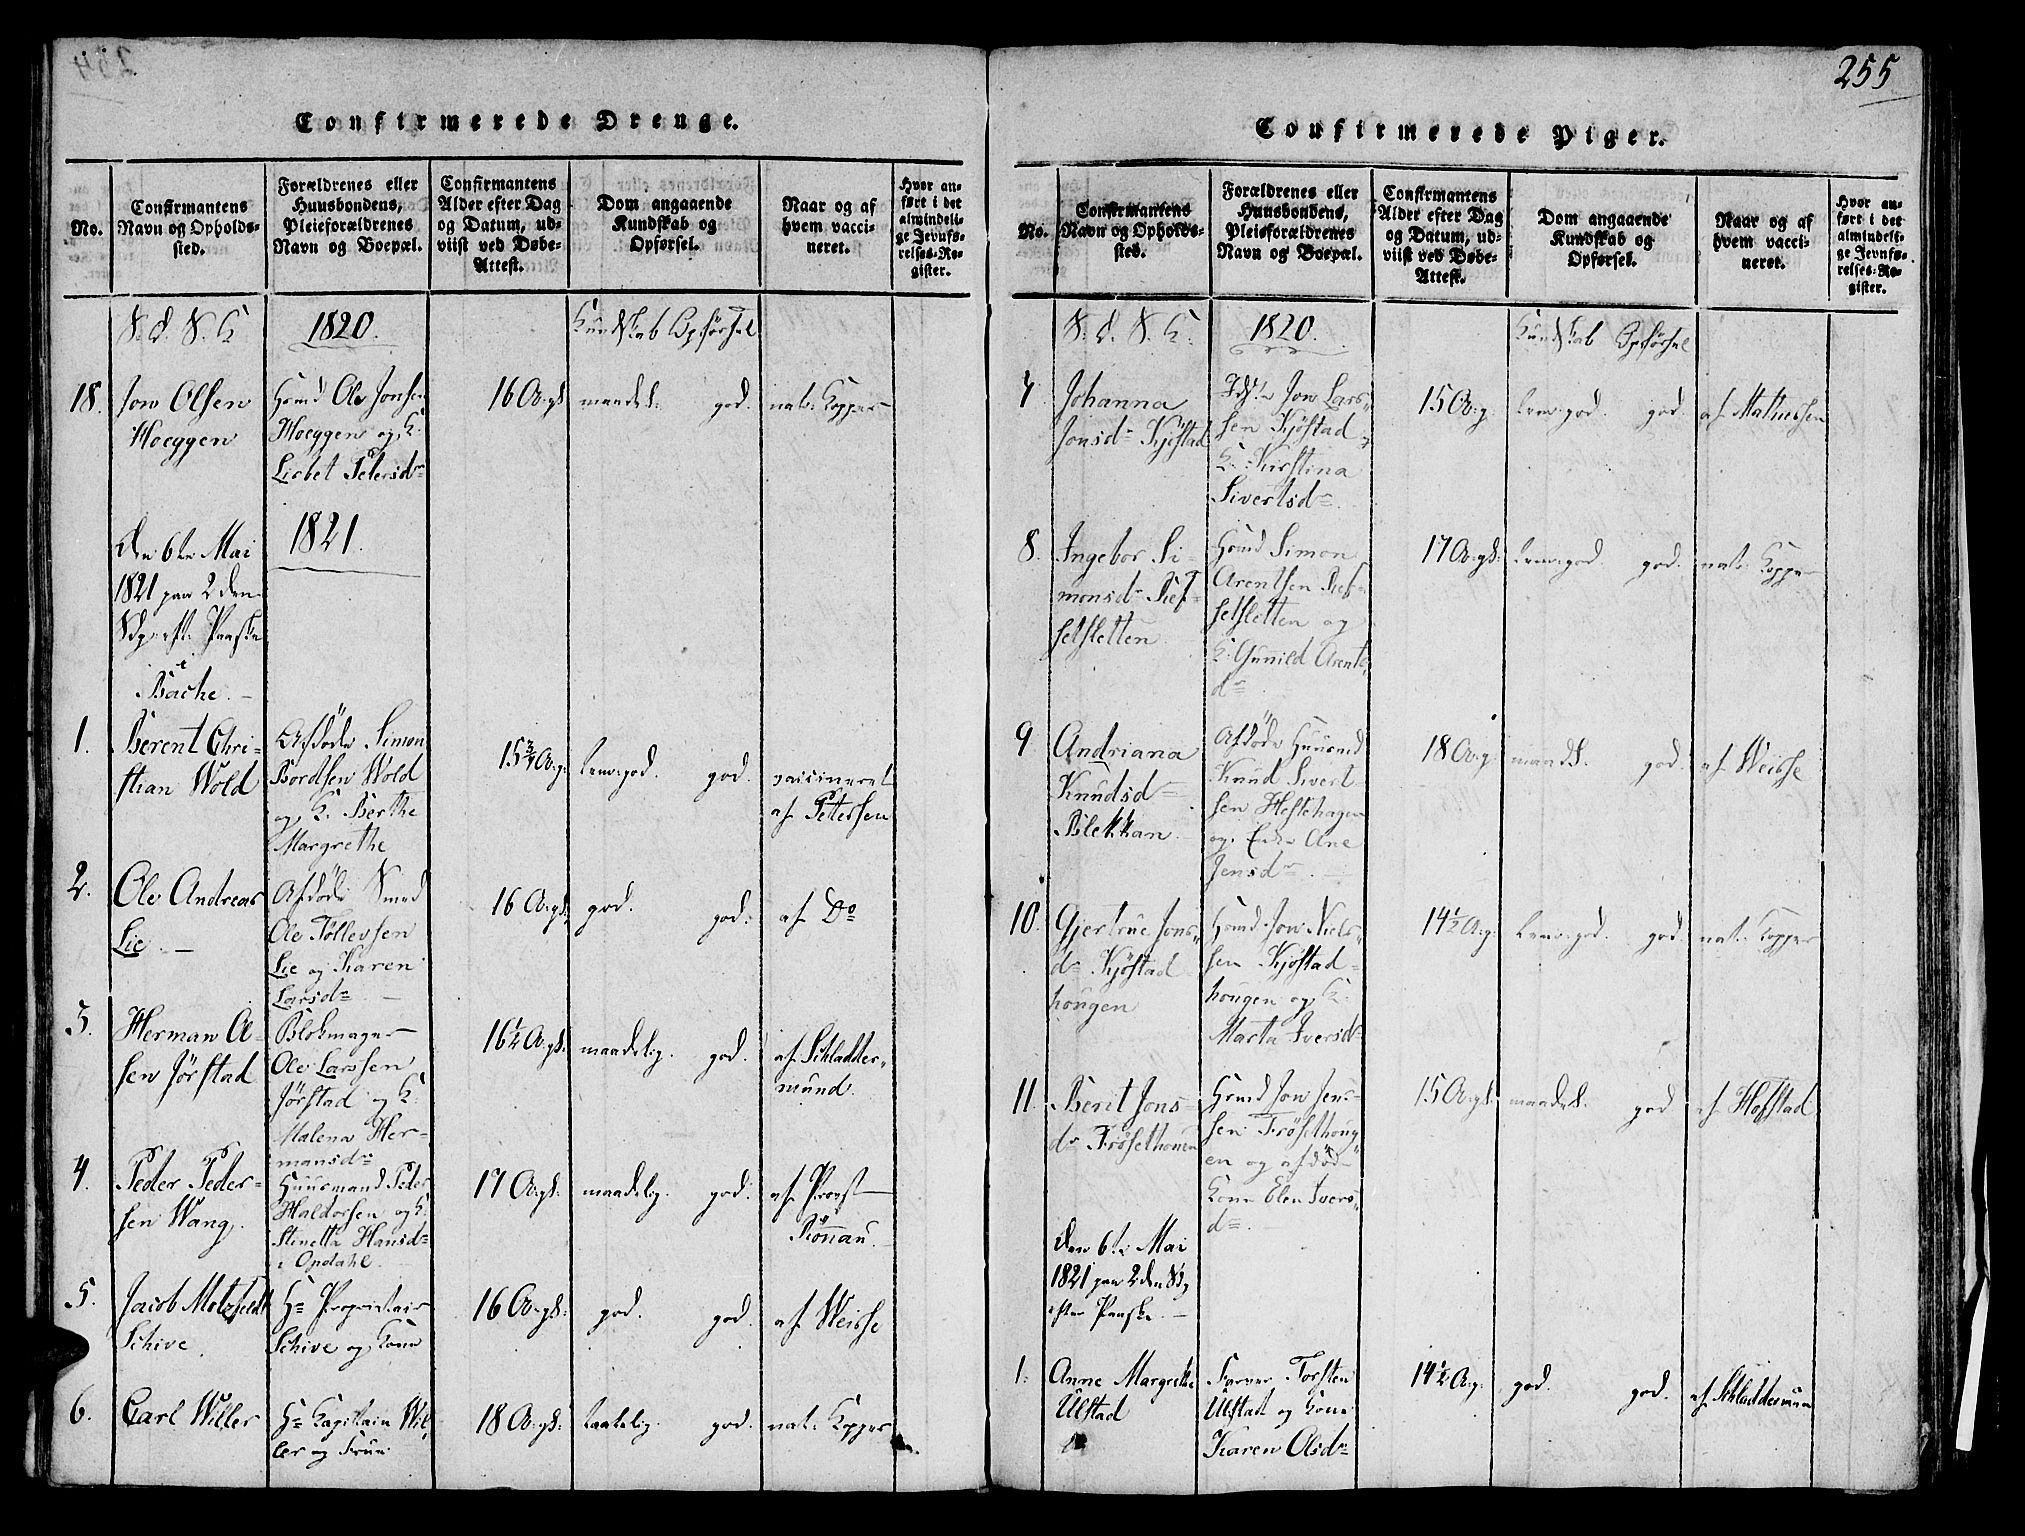 SAT, Ministerialprotokoller, klokkerbøker og fødselsregistre - Sør-Trøndelag, 606/L0283: Ministerialbok nr. 606A03 /1, 1818-1823, s. 255